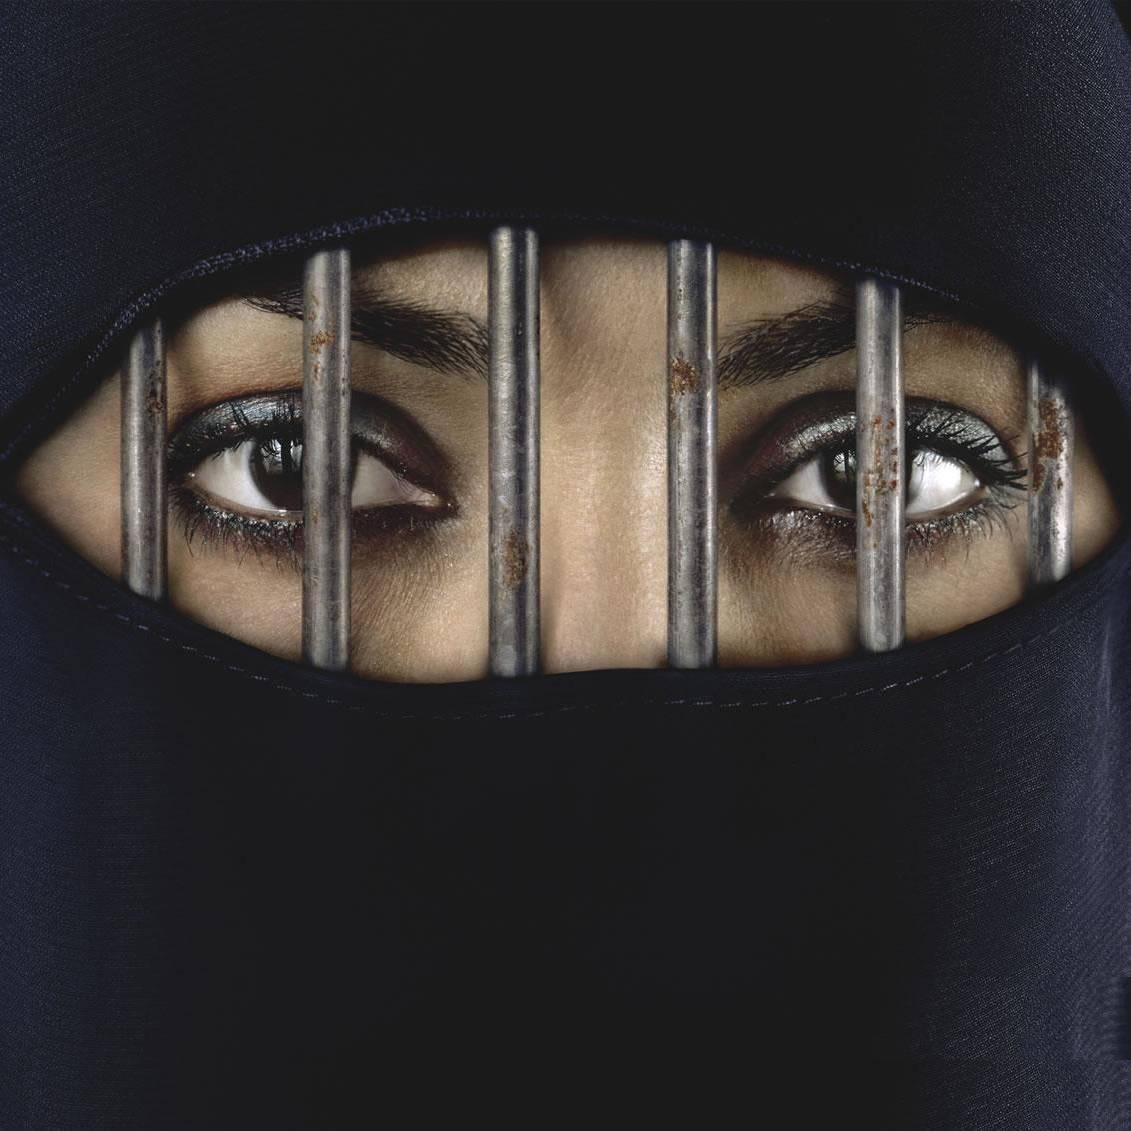 Frau am Steuer Saudi Arabien verboten Fahrverbot fuer Frauen burka schleier gefaengnis